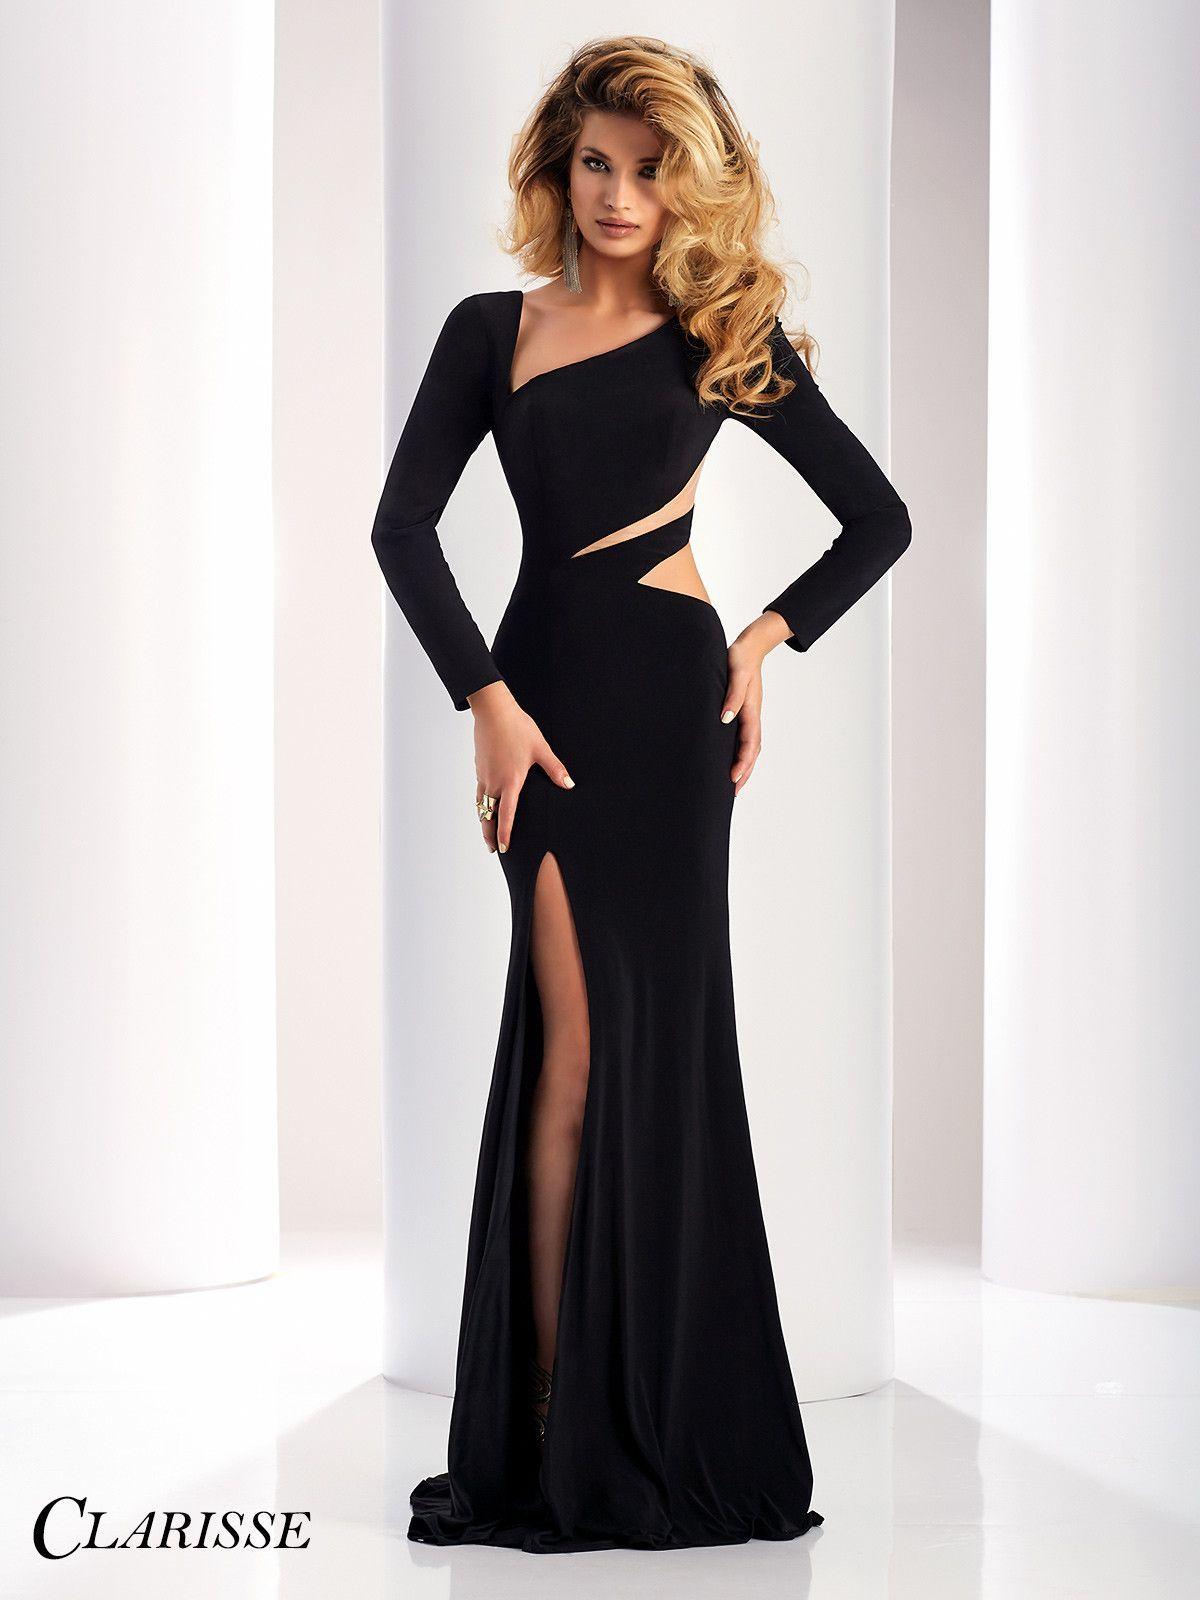 Clarisse Couture Dress 4859   Couture Dresses   Pinterest   Patrones ...